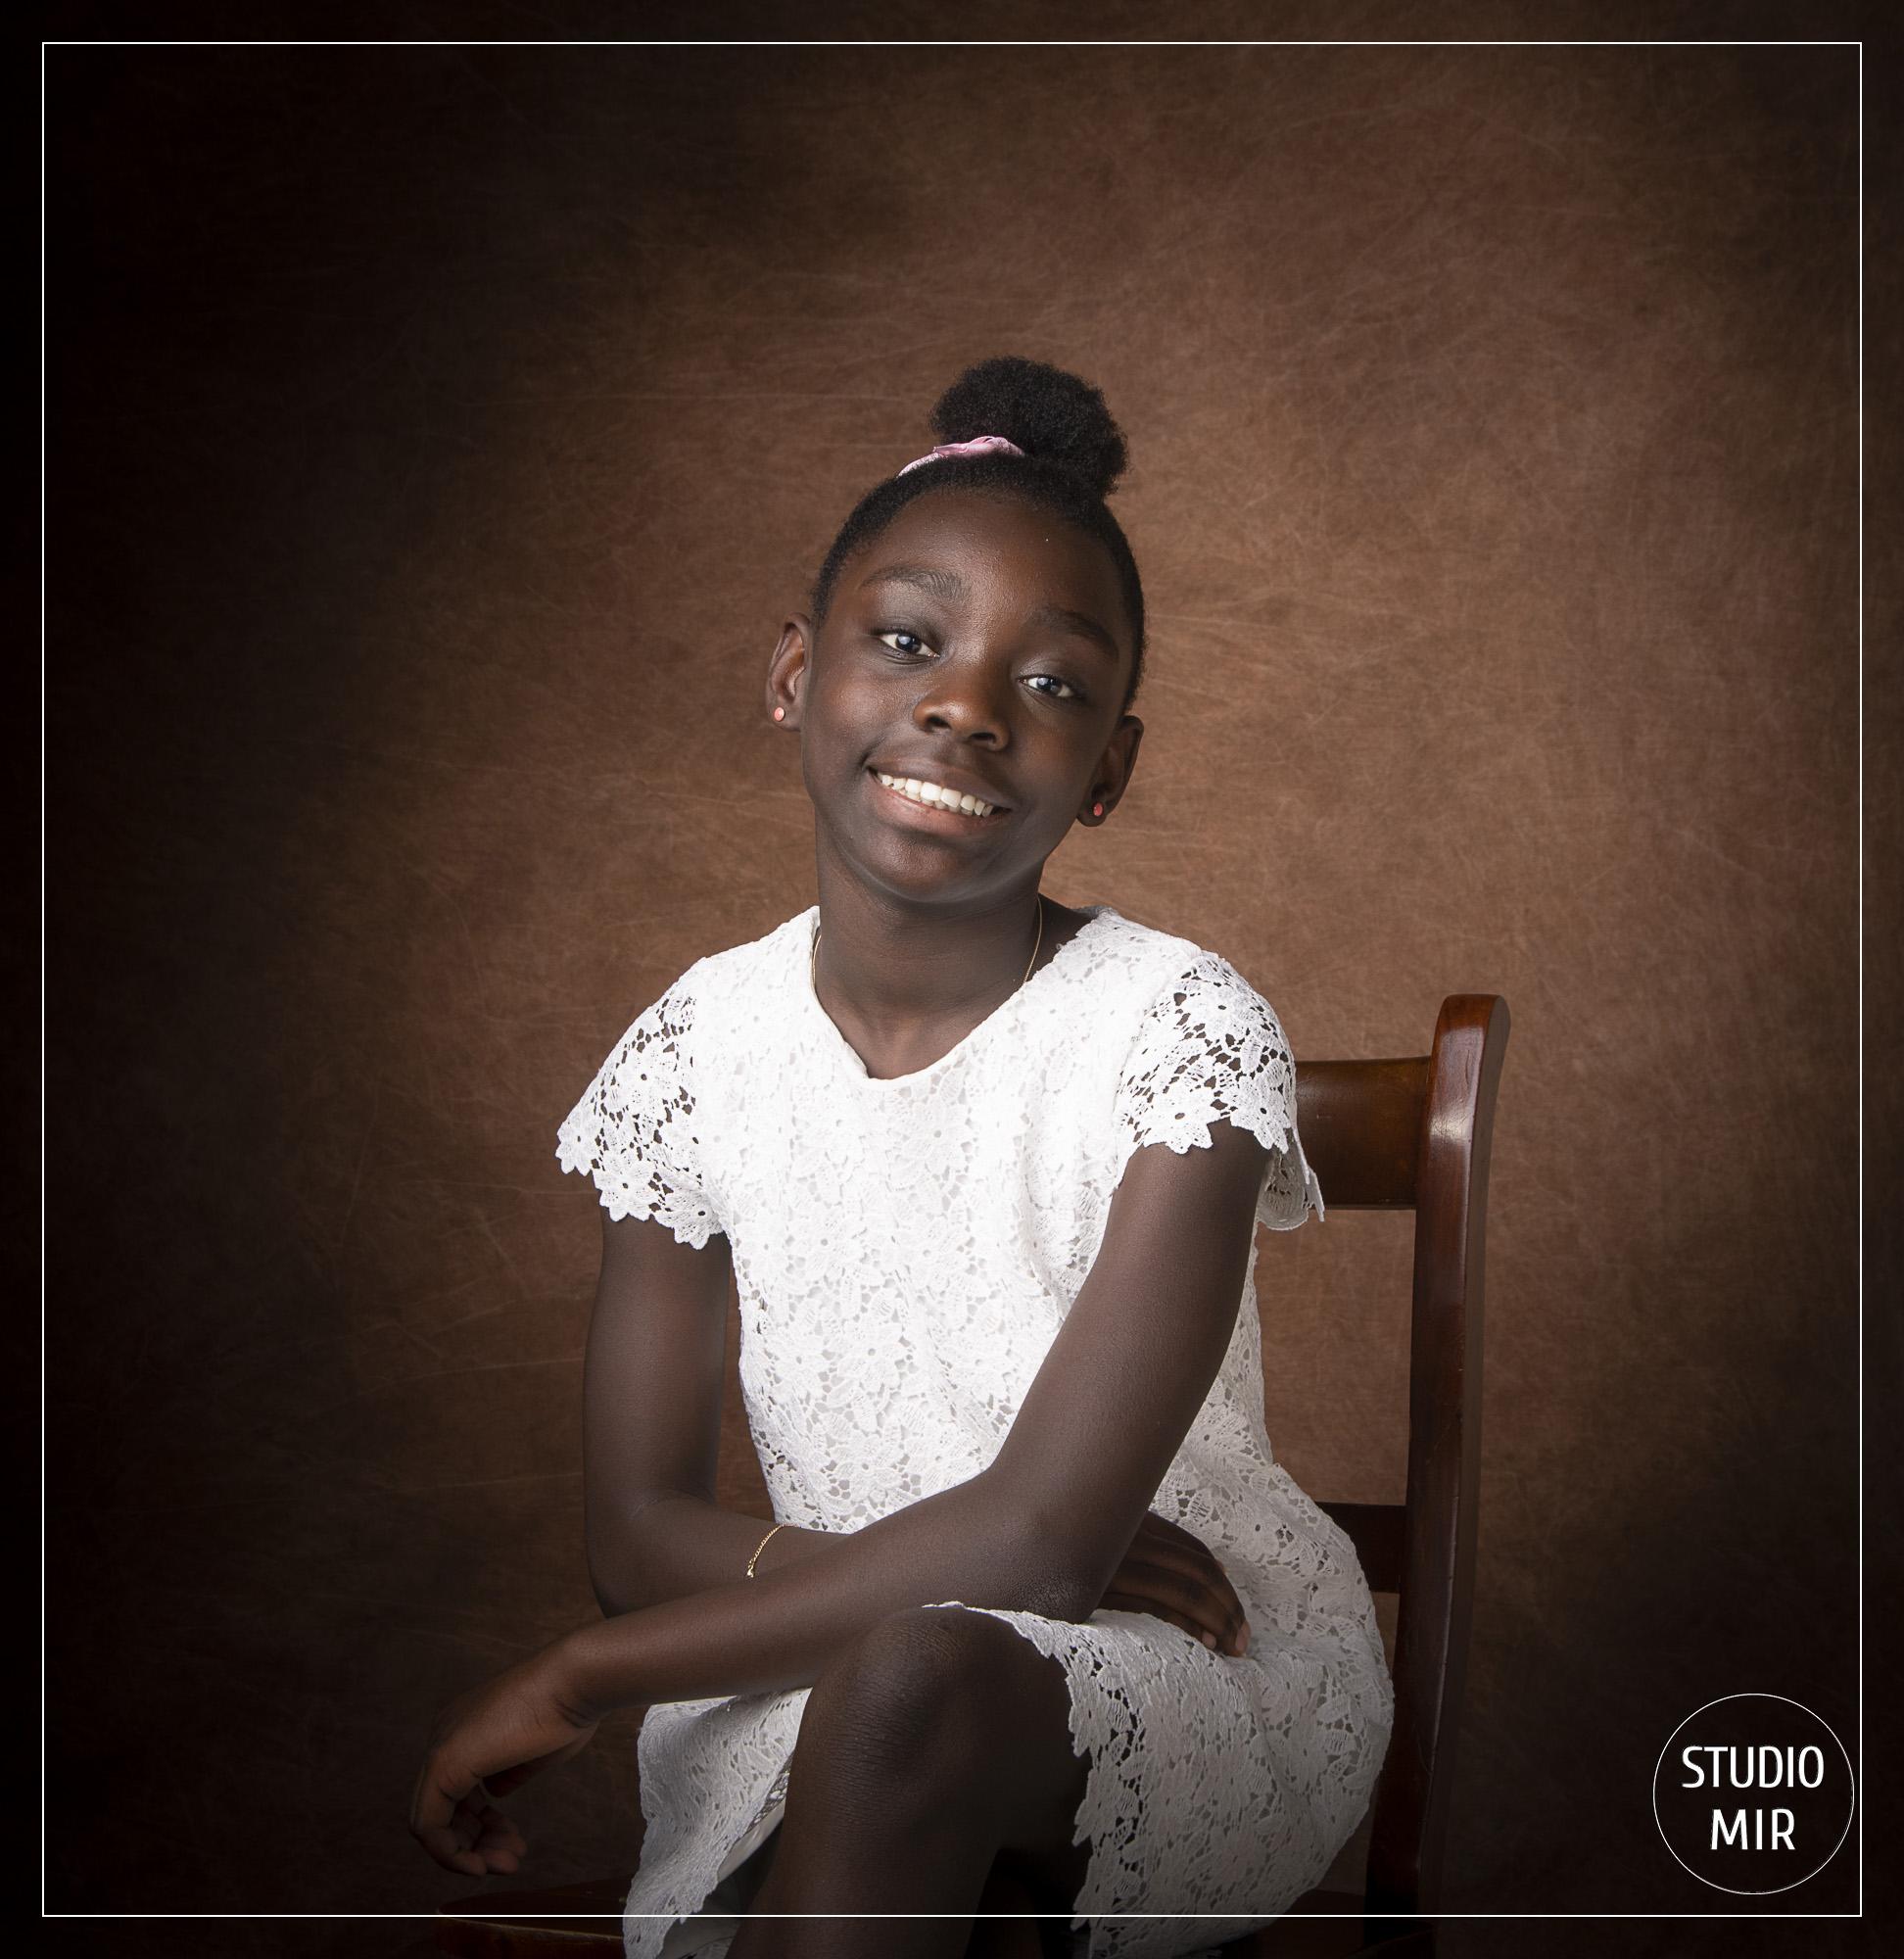 Idée pour Noel : Un bon cadeau chez un photographe de famille en région Parisienne